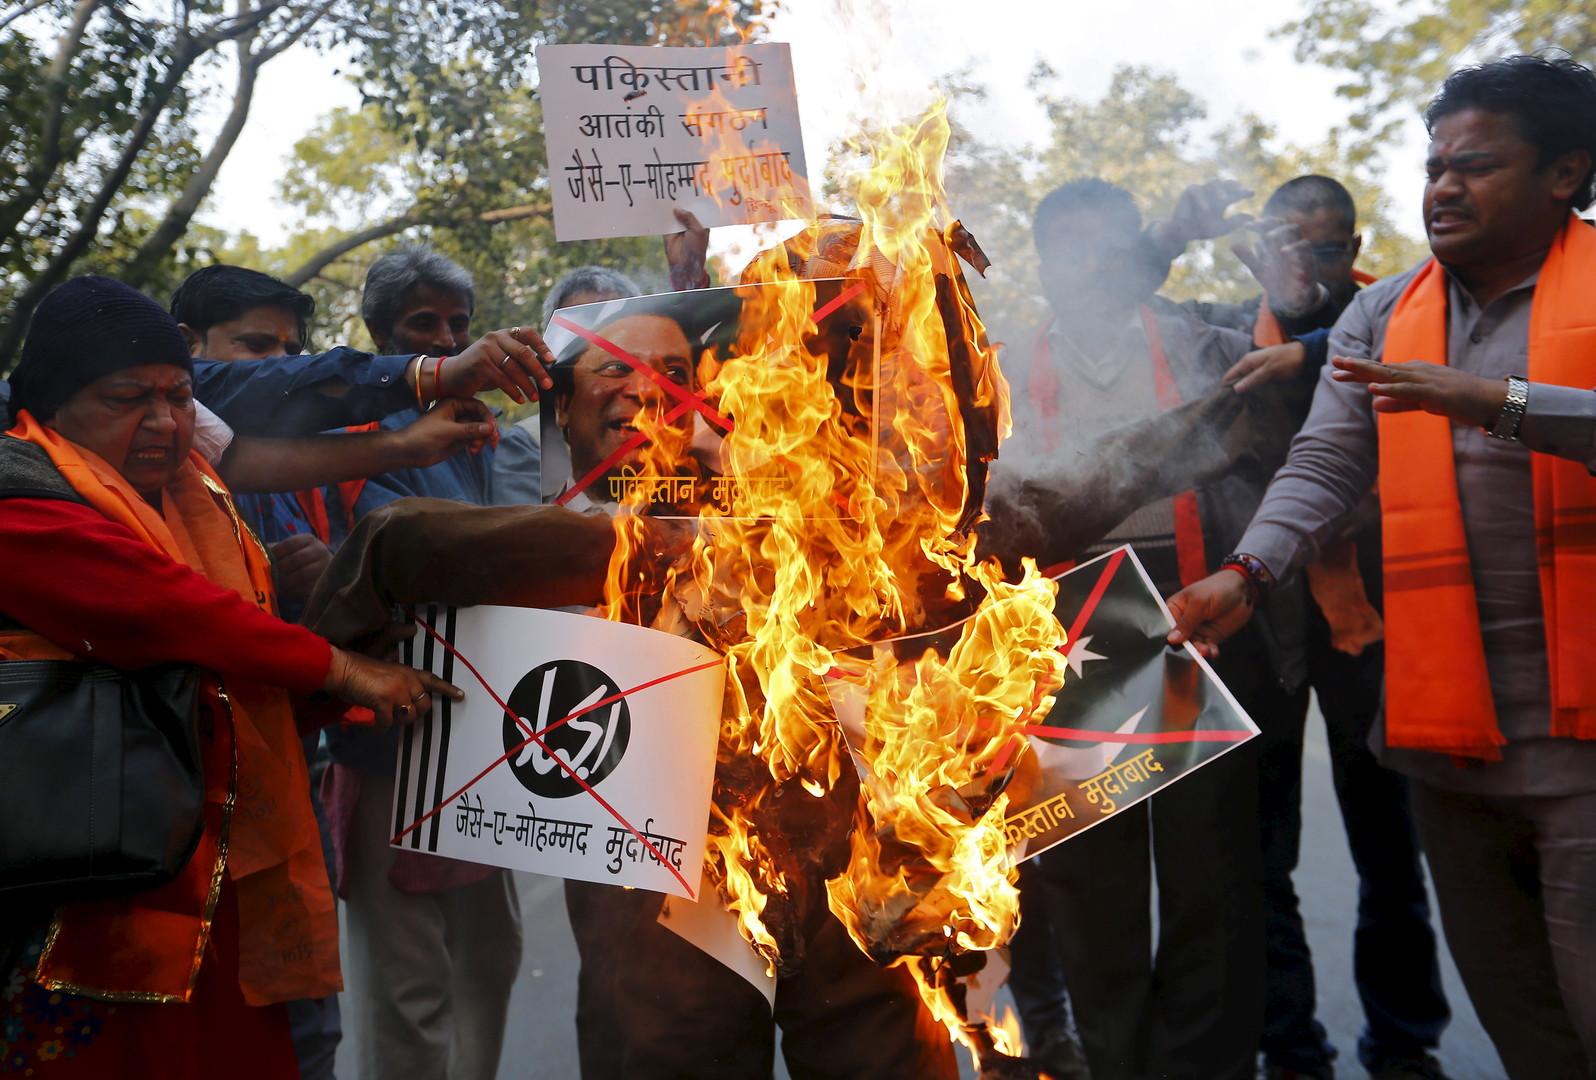 Les Indiens brûlent l'effigie du Premier ministre pakistanais, Nawaz Sharif